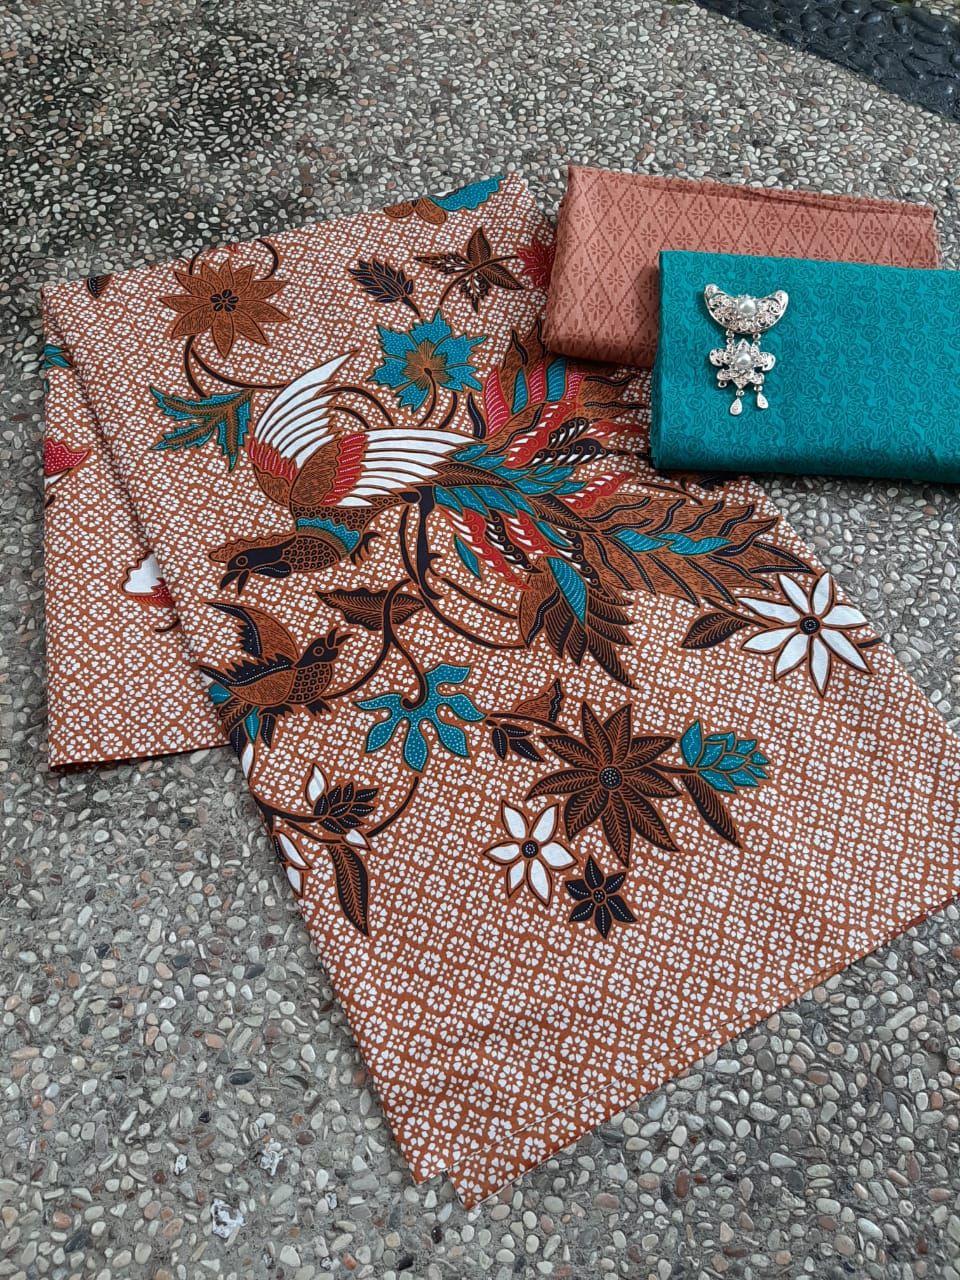 kain batik warna coklat motif burung